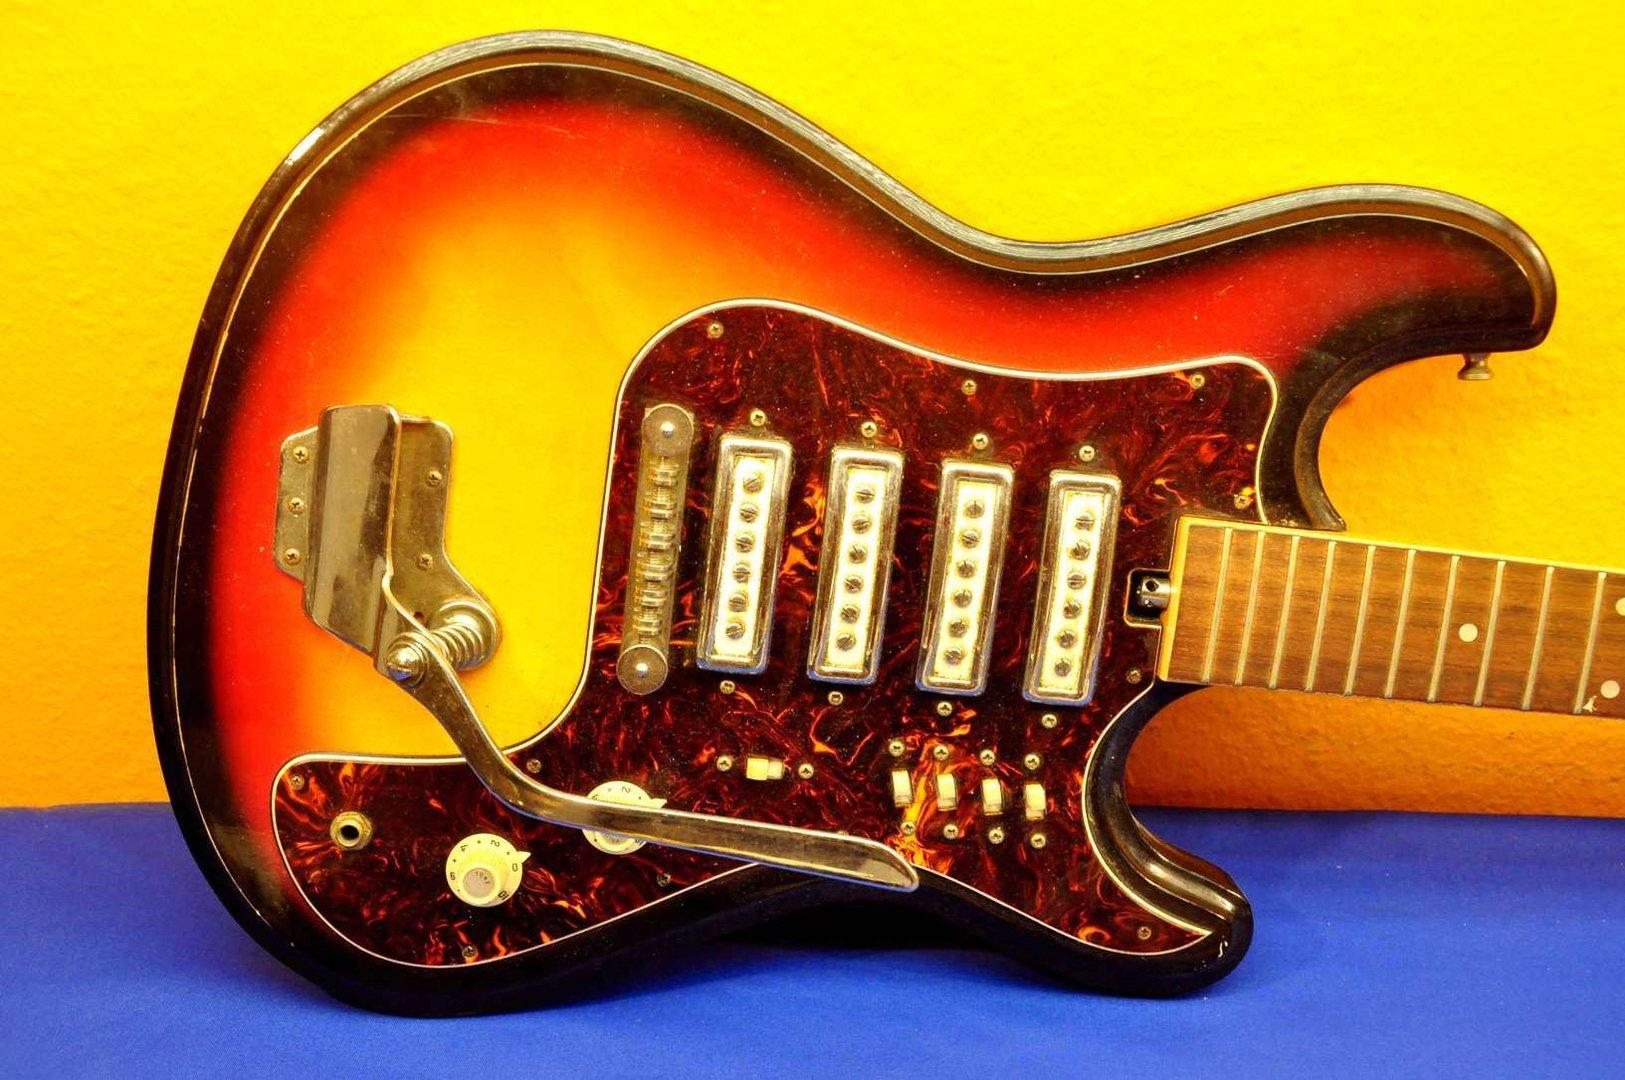 Hertiecaster By Teisco 4 Pickups Sunburst 70s Buy At Kusera